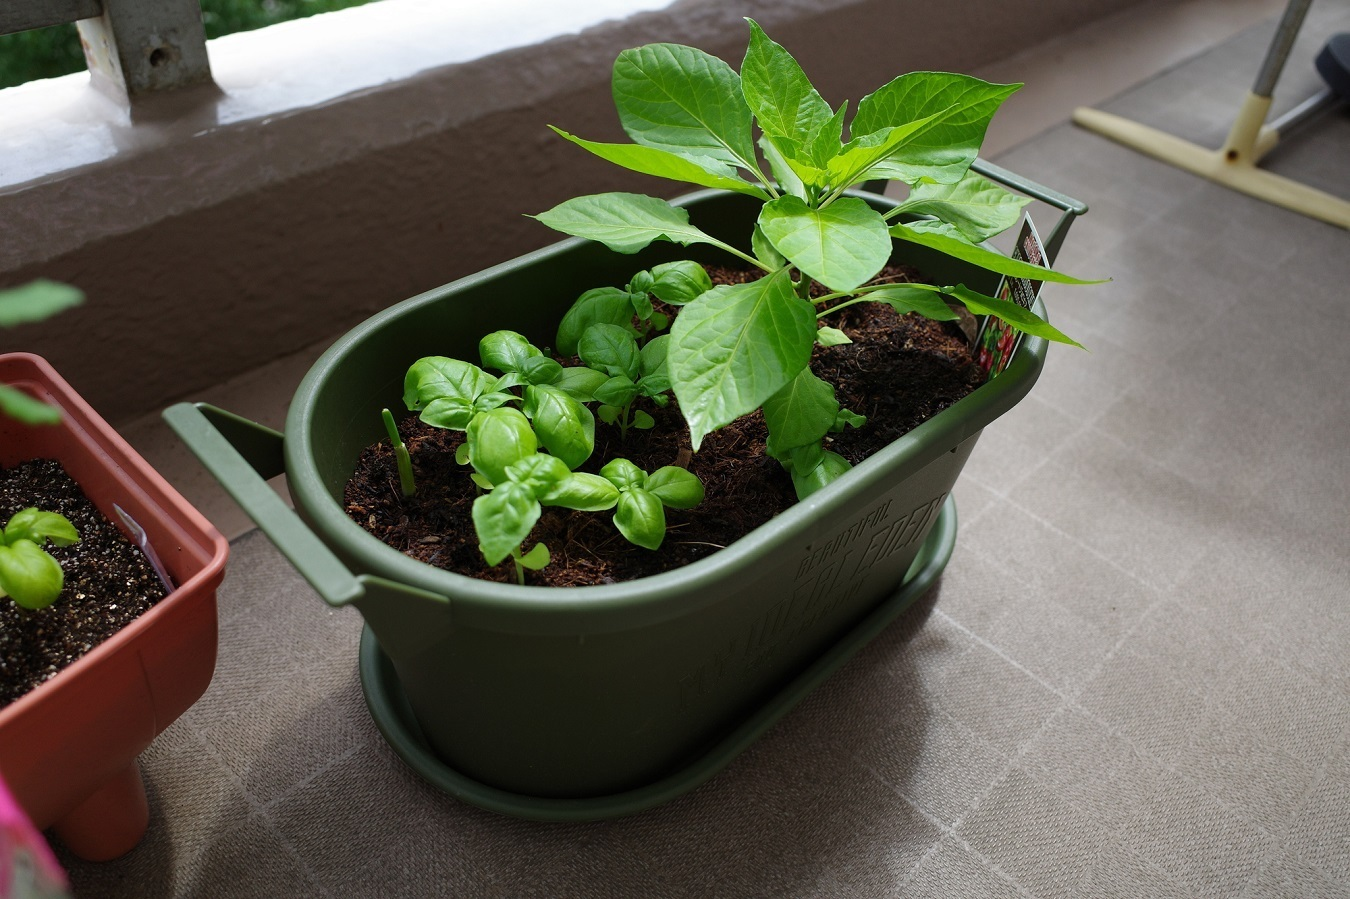 外出自粛の影響で家庭菜園の人気が上昇中